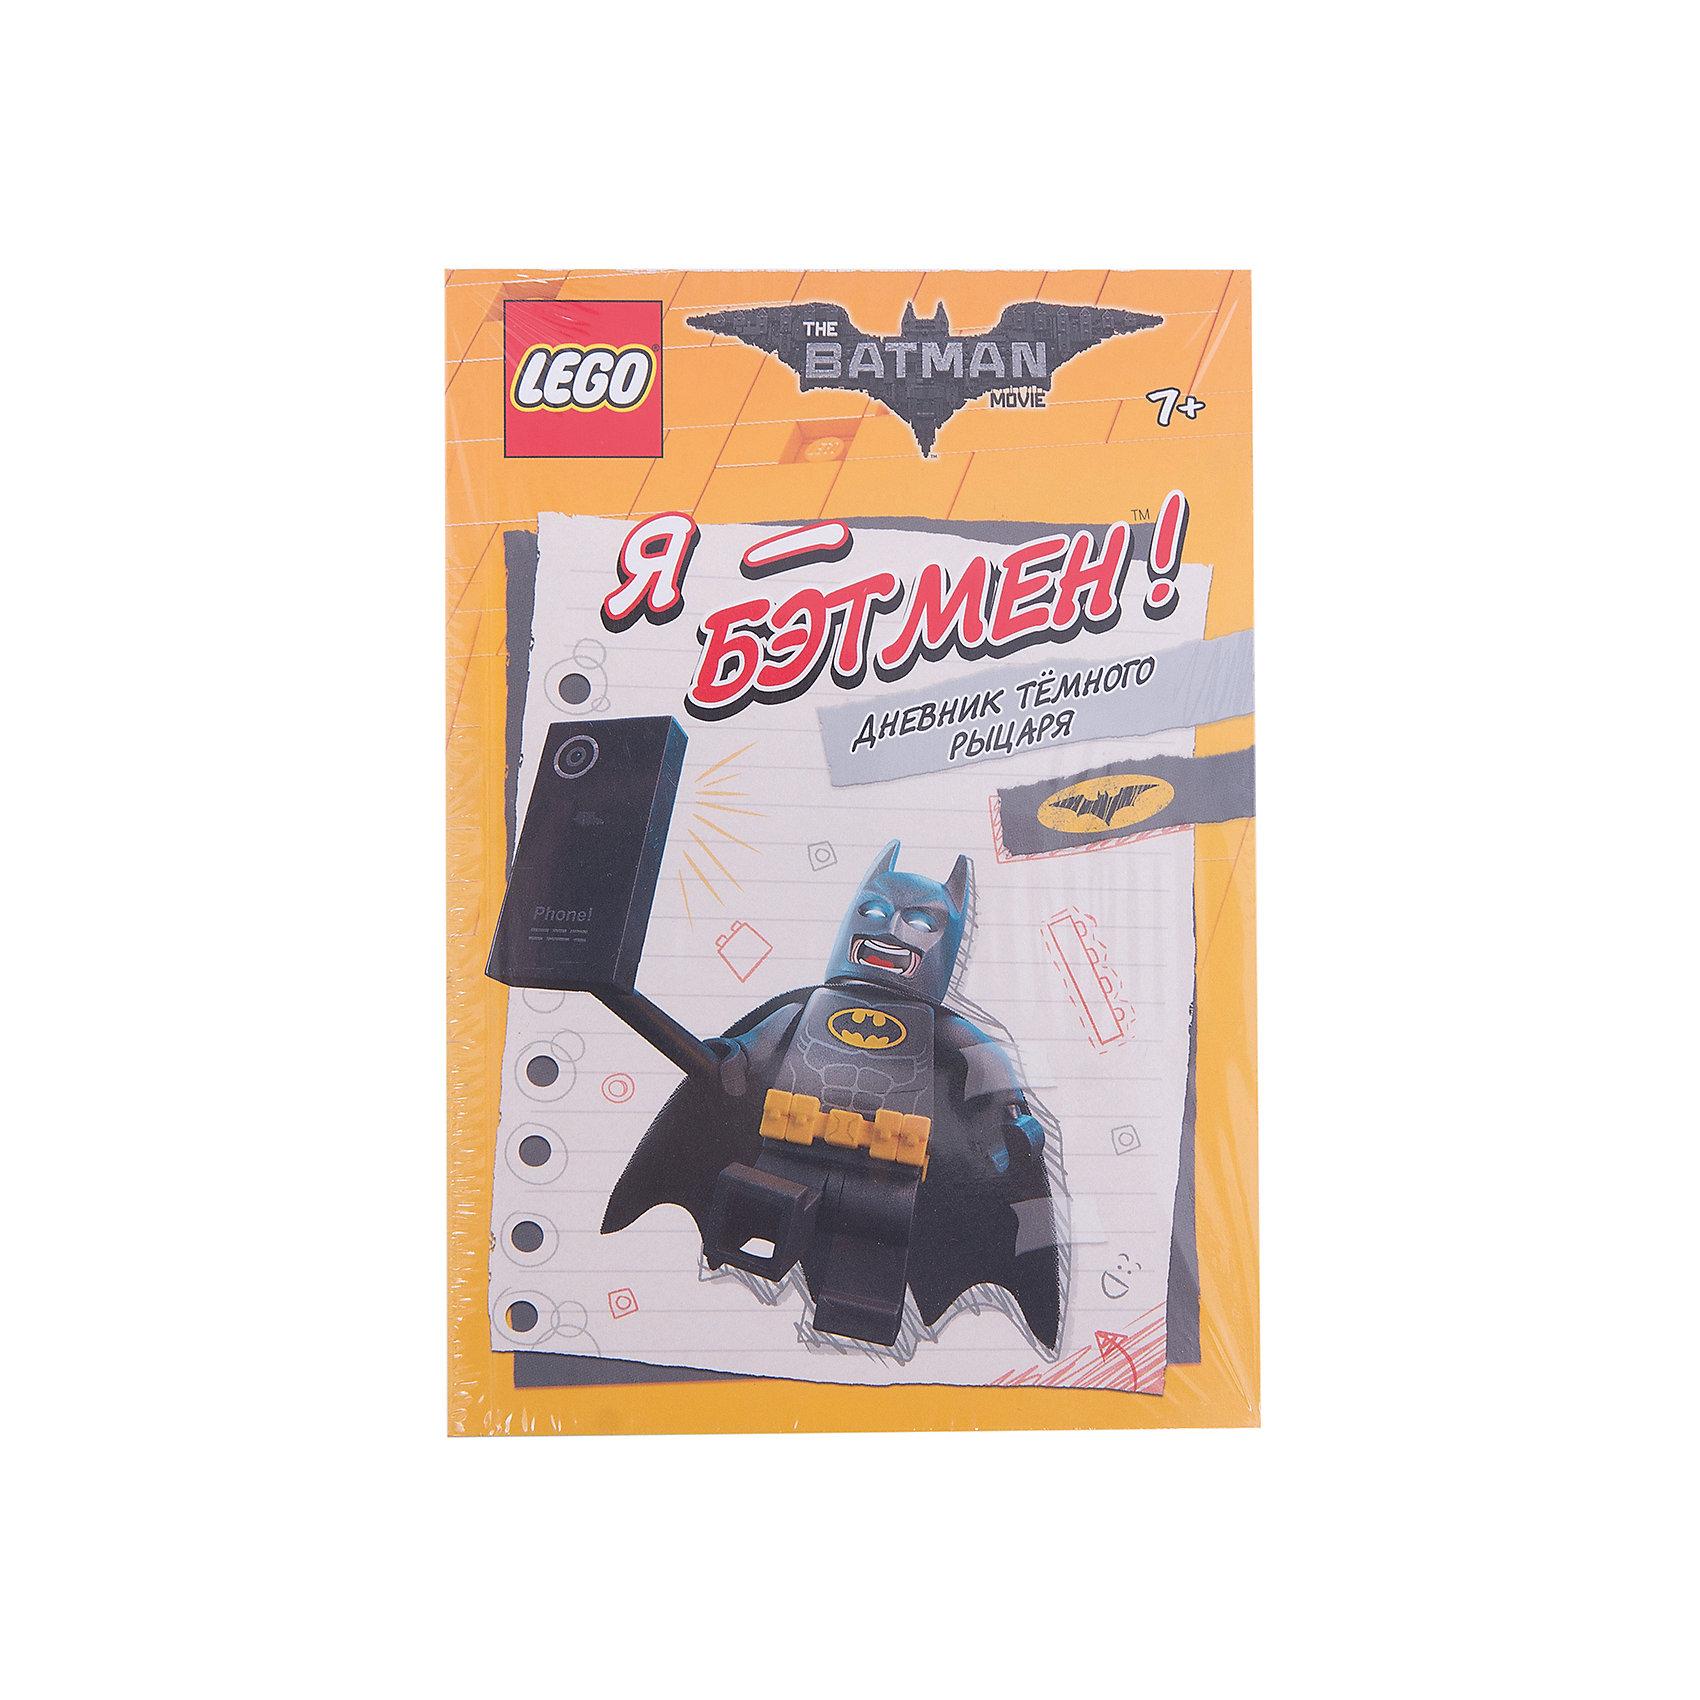 Я - Бэтмен! Дневник Тёмного рыцаря, LEGO Batman MoviБэтмен<br>Я - Бэтмен. И я решил начать вести дневник для своих фанатов. Потому что у меня не просто фанаты. У МЕНЯ САМЫЕ ЛУЧШИЕ В МИРЕ ФАНАТЫ! Потому что я - Бэтмен, а вы, мои друзья - просто потрясающие. Итак, открывайте книгу и читайте самую великую книгу десятилетия. Нет, книгу века! Нет, лучше сказать так: САМУЮ ВЕЛИКУЮ КНИГУ ВСЕХ ВРЕМЕН - Дневник Бэтмена.<br><br>Ширина мм: 200<br>Глубина мм: 138<br>Высота мм: 70<br>Вес г: 150<br>Возраст от месяцев: 72<br>Возраст до месяцев: 2147483647<br>Пол: Унисекс<br>Возраст: Детский<br>SKU: 5535445